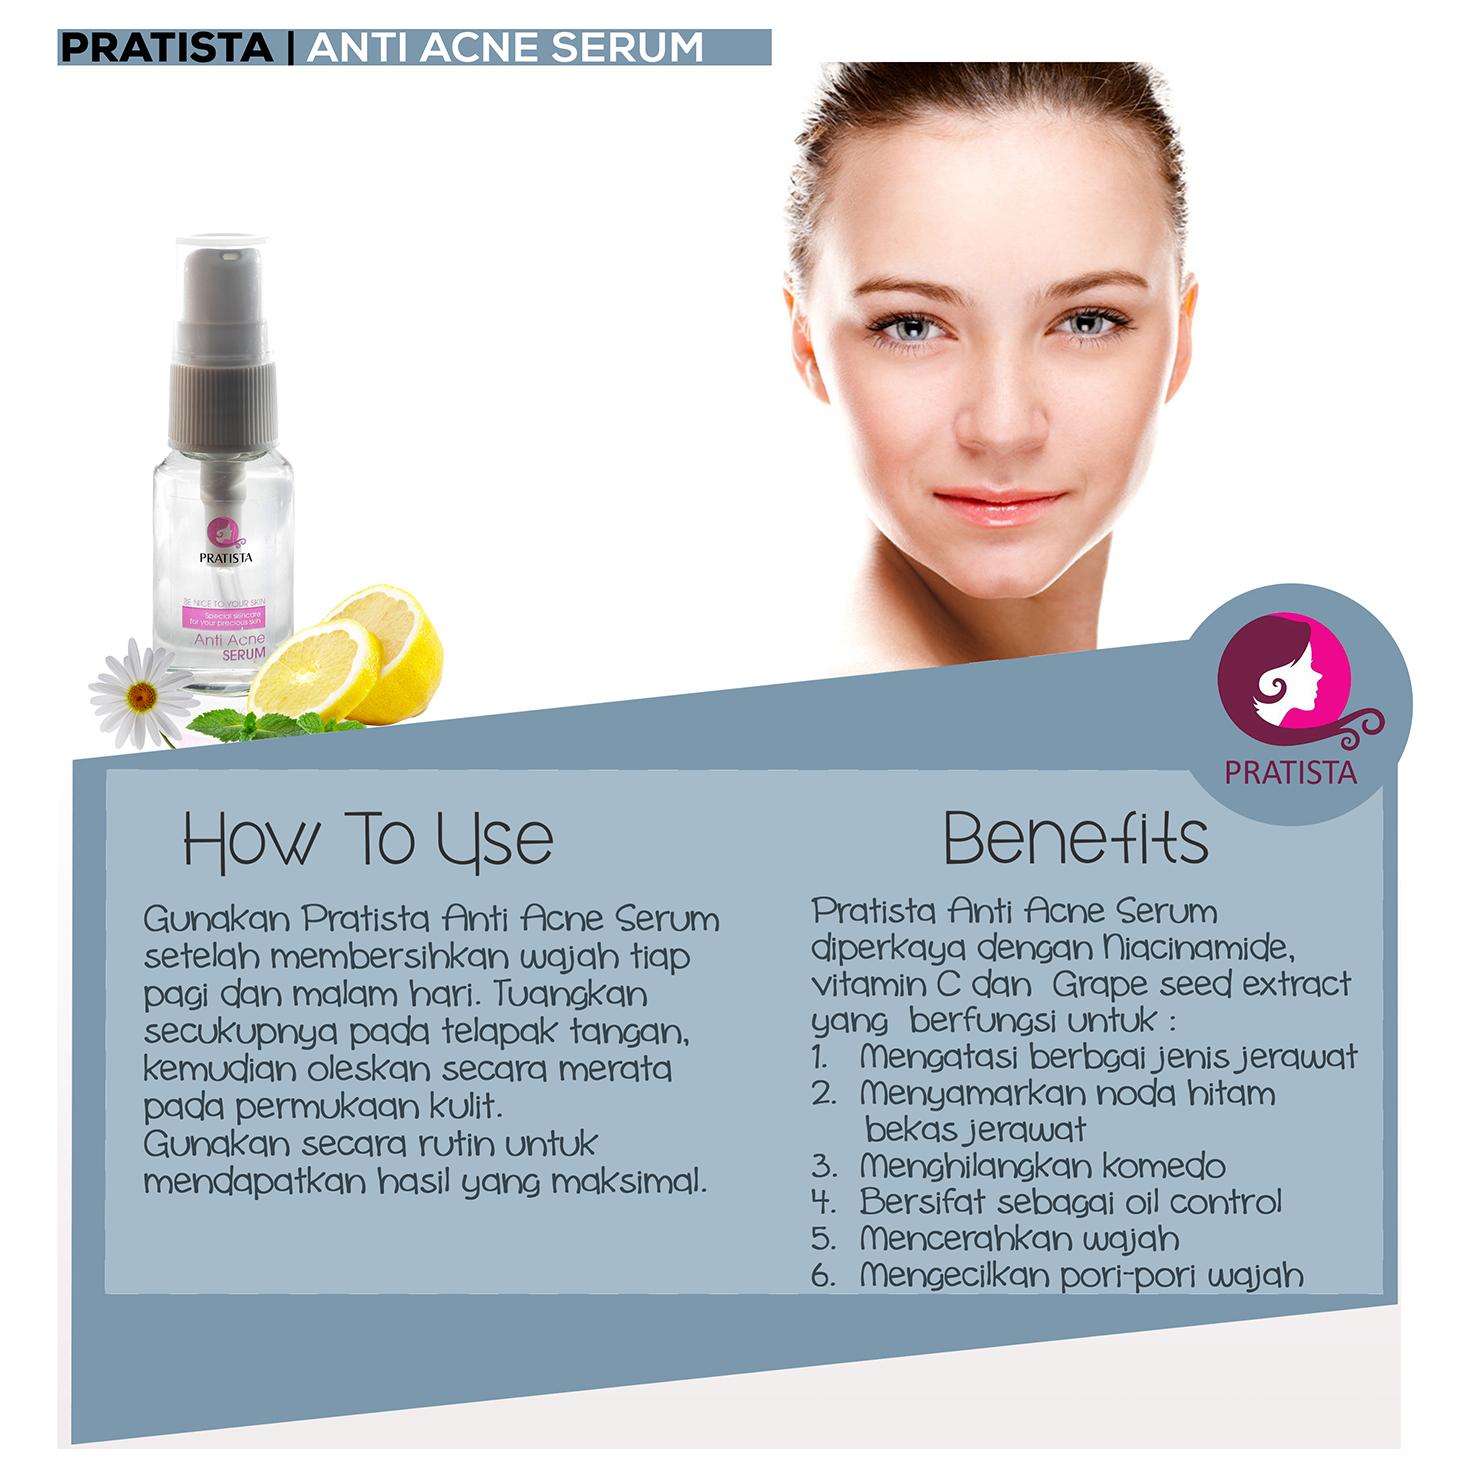 serum anti acne untuk mengobati jerawat new best indonesia